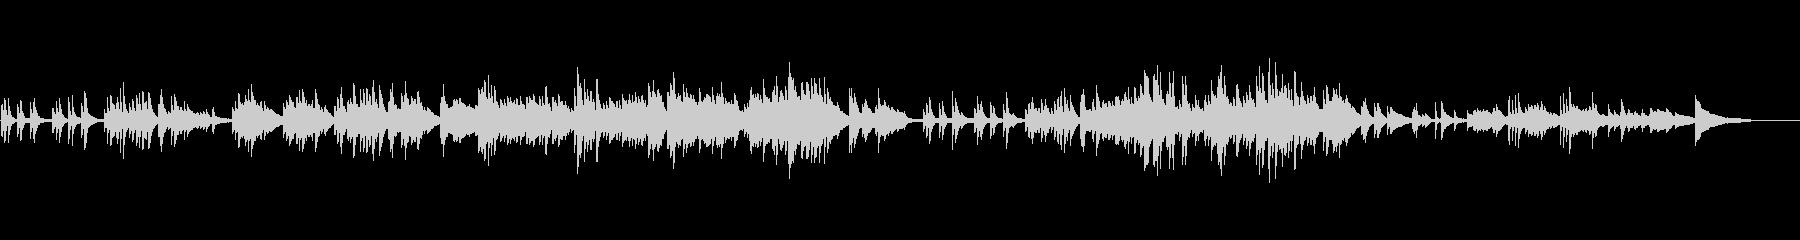 切ないピアノバラード(和風テイスト)の未再生の波形